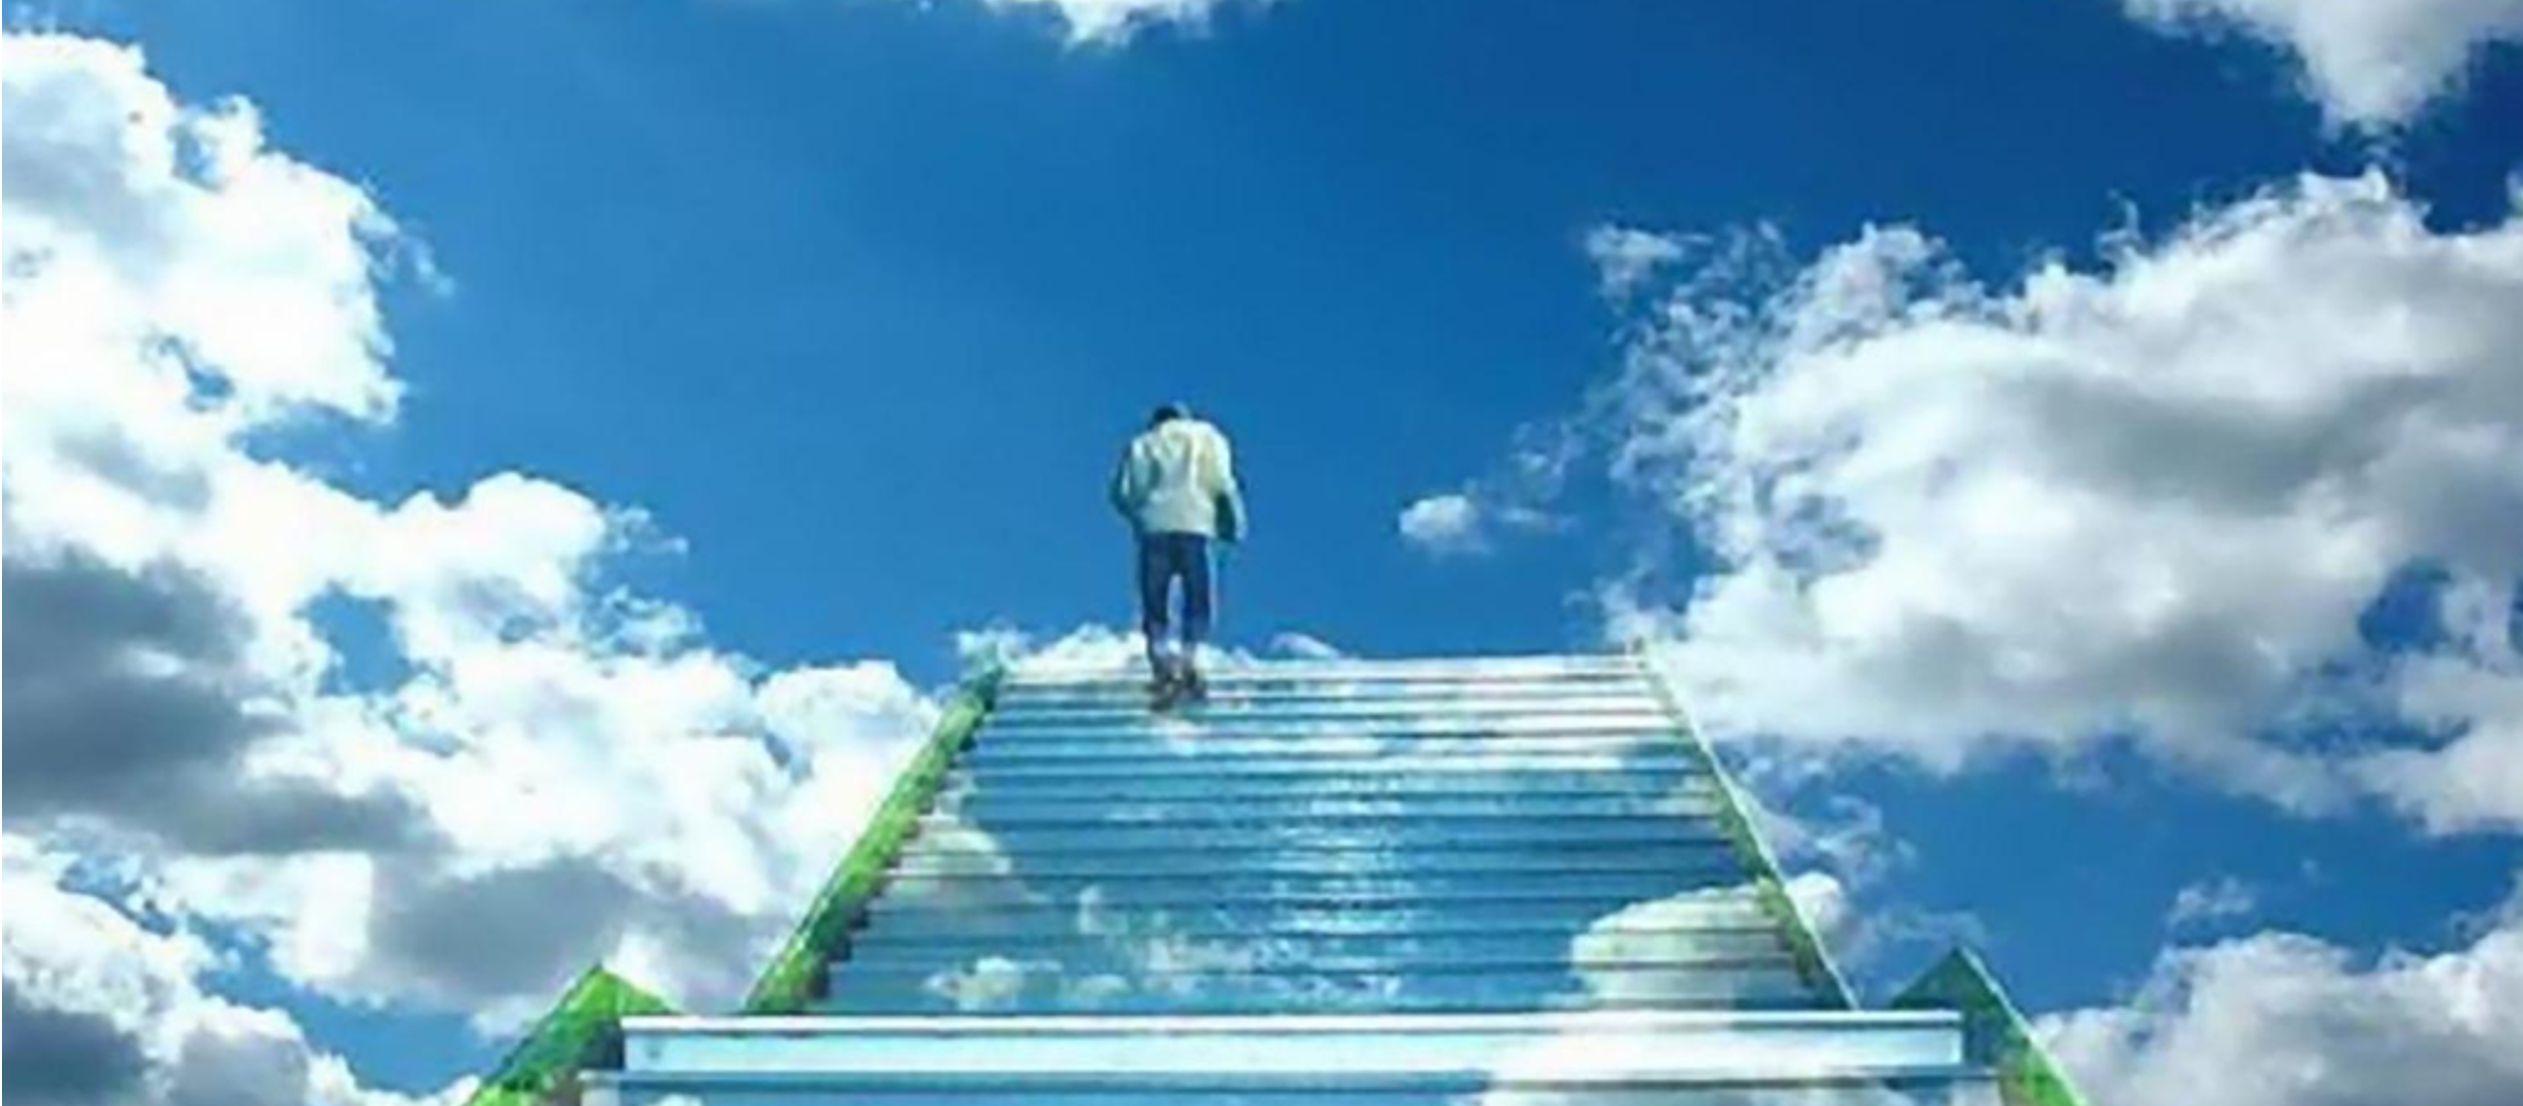 Porque no podemos caminar como quien continuamente deja atrás algo ya superado y avanza...